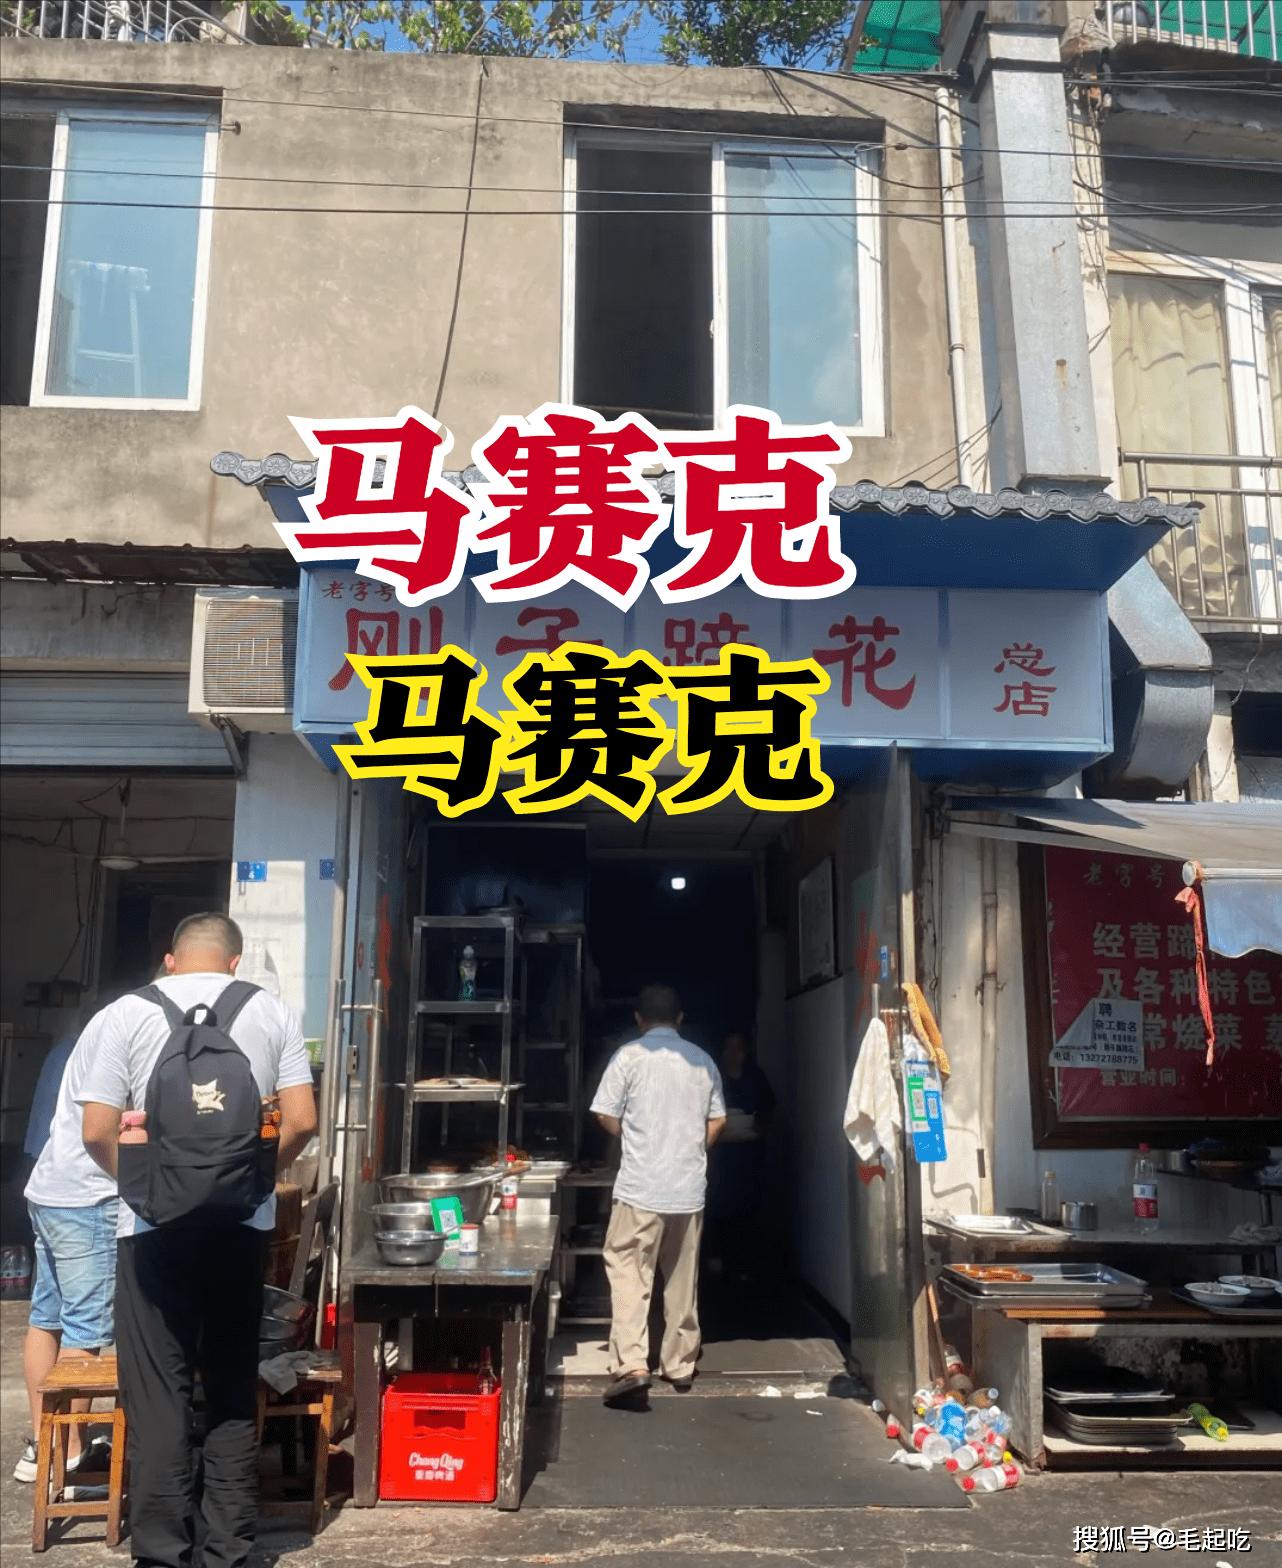 """重庆""""变味""""的网红蹄花,寡淡无味、价格贵、环境糟糕,让人失望"""